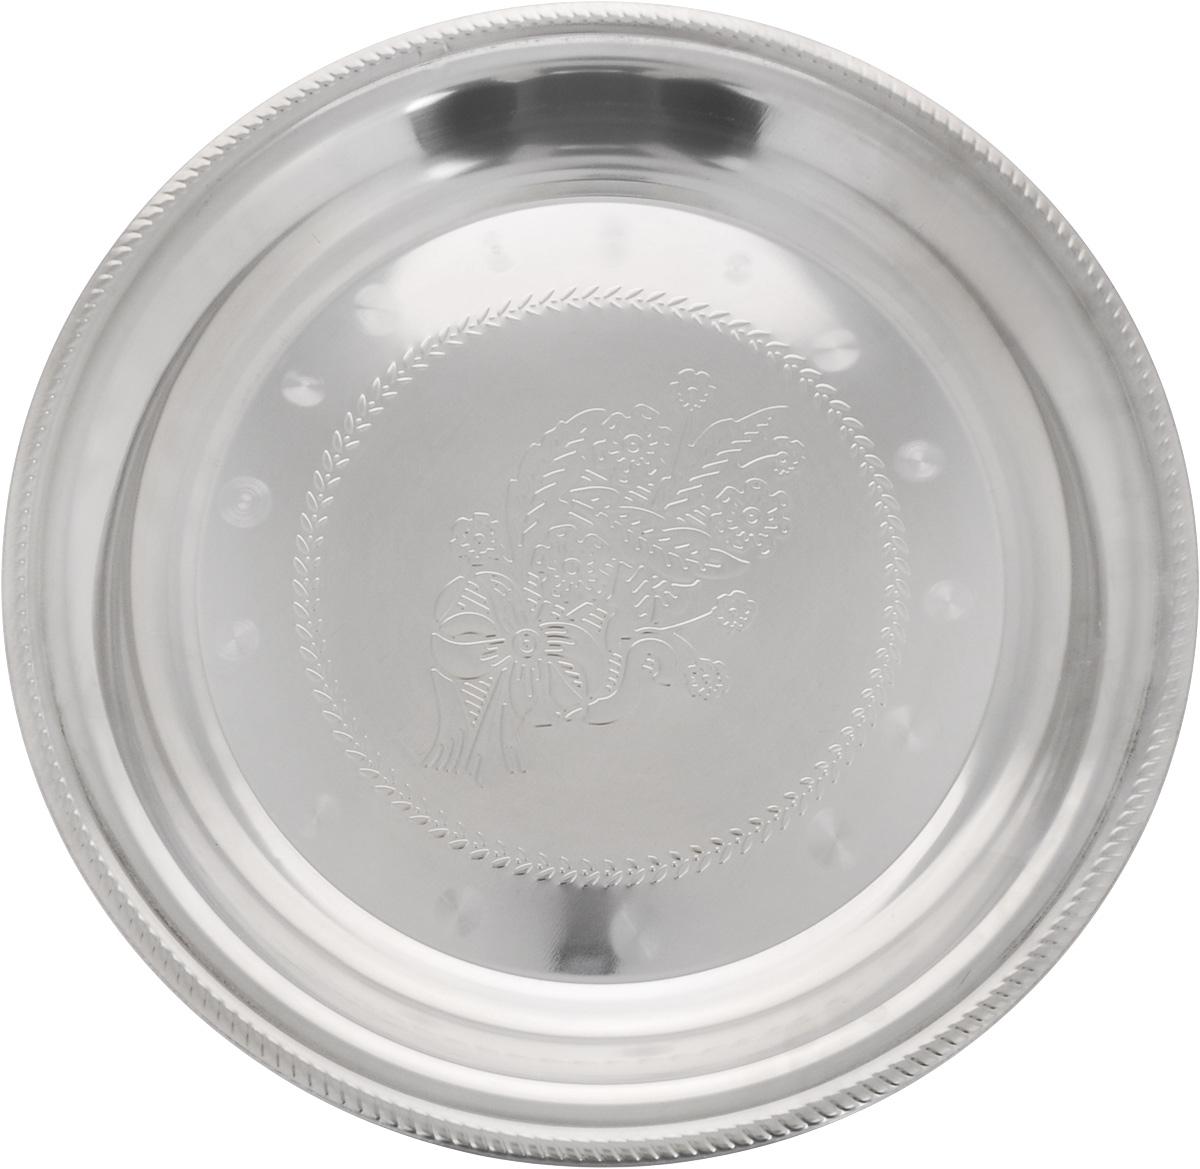 Блюдо для фруктов Mayer & Boch, диаметр 48 см22721Блюдо для фруктов Mayer & Boch круглой формы выполнено из стали с серебряно-никелевым покрытием. Блюдо с зеркальной поверхностью по краям оформлено изящным рисунком. Оно отлично подойдет для красивой сервировки различных блюд, закусок и фруктов на праздничном столе. Изящный дизайн придется по вкусу и ценителям классики, и тем, кто предпочитает утонченность и изысканность. Блюдо для фруктов Mayer & Boch станет отличным подарком на любой праздник. Диаметр блюда: 48 см. Высота блюда: 5 см.